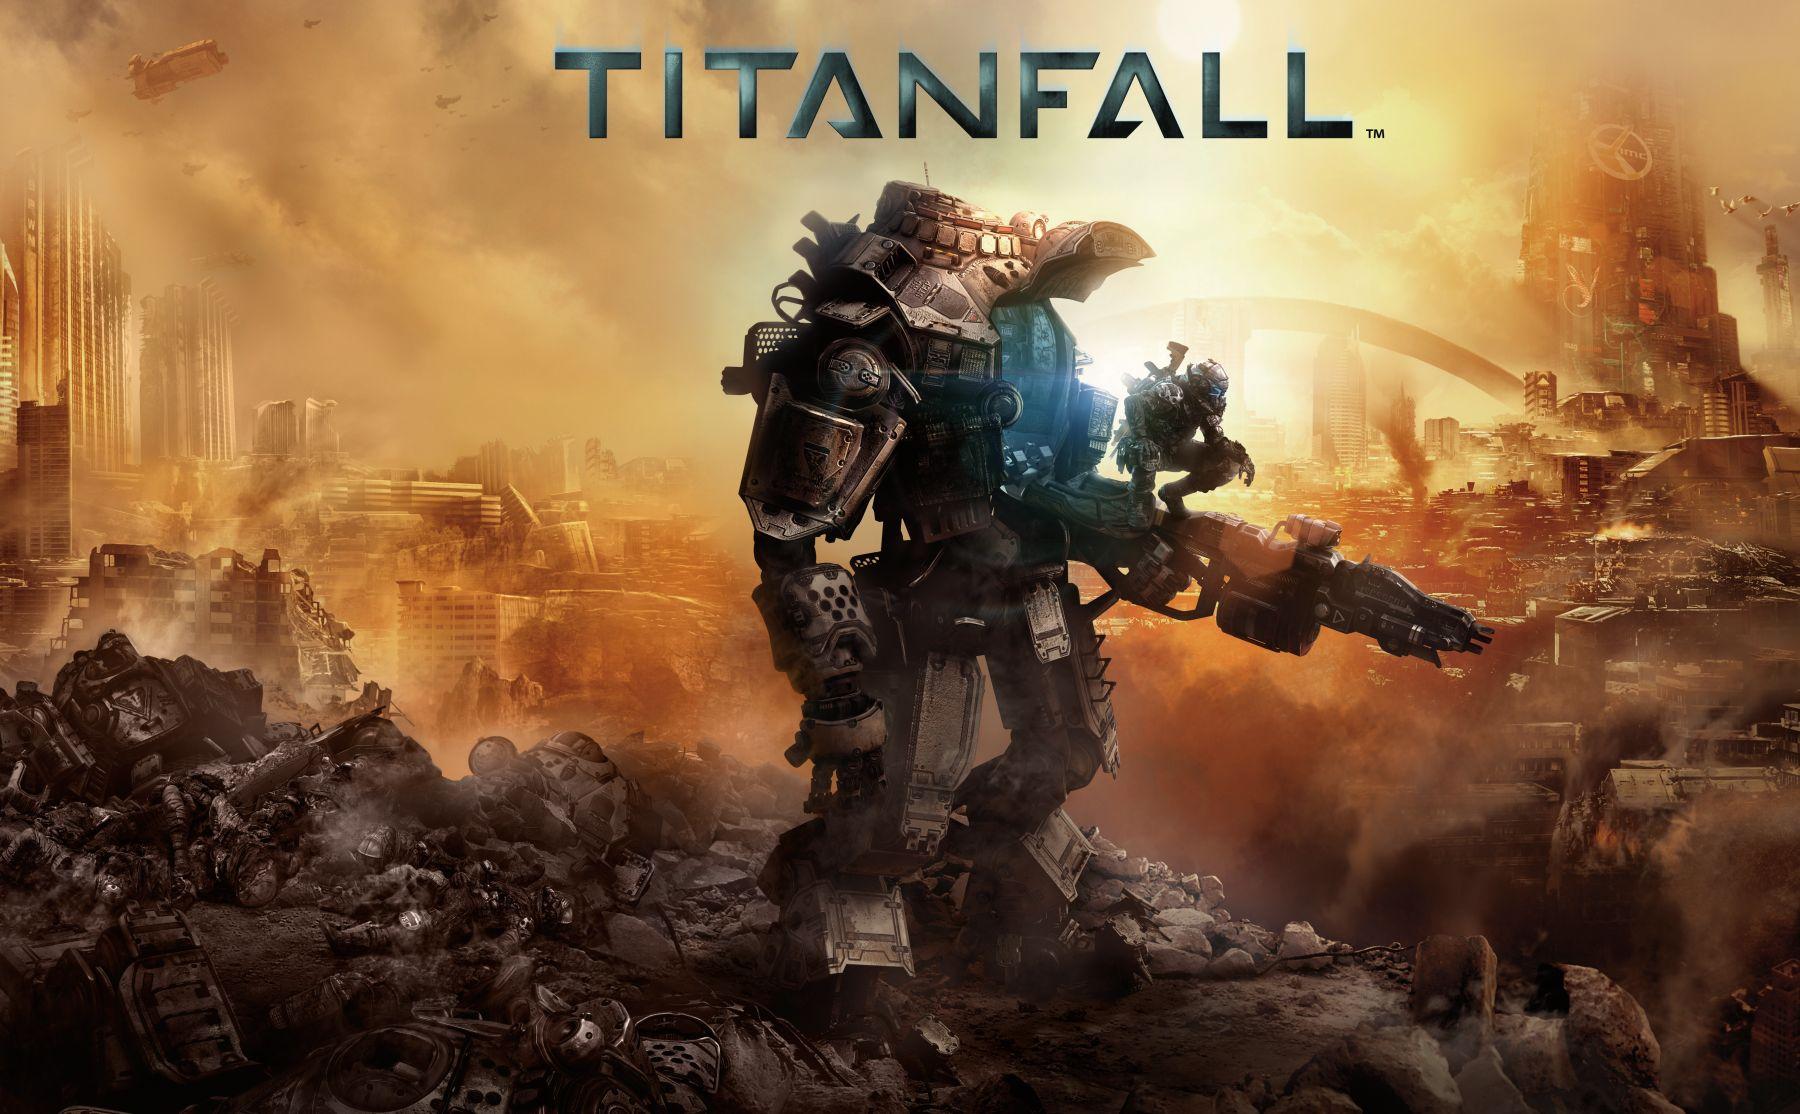 titanfall-nexon-respawn-entertainment-mobile-game